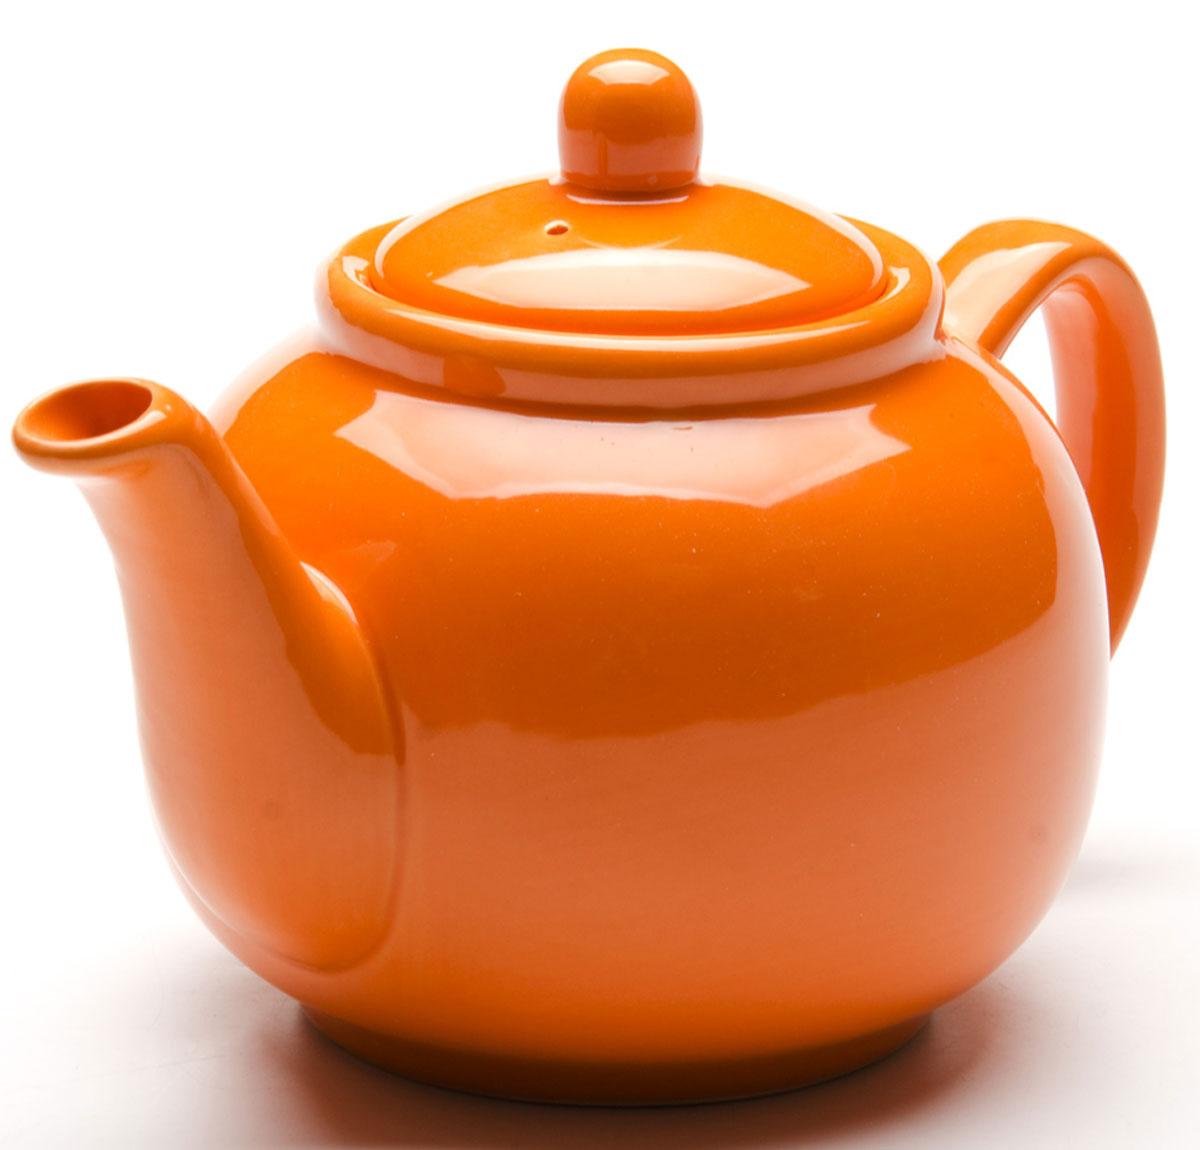 Чайник заварочный Loraine, 940 мл. 2486654 009312Заварочный чайник поможет вам в приготовлении вкусного и ароматного чая, а также станет украшением вашей кухни. Яркий дизайн придает чайнику особый шарм, он удобен в использовании и понравится каждому. Такой заварочный чайник станет приятным и практичным подарком на любой праздник.Объем: 940 мл.